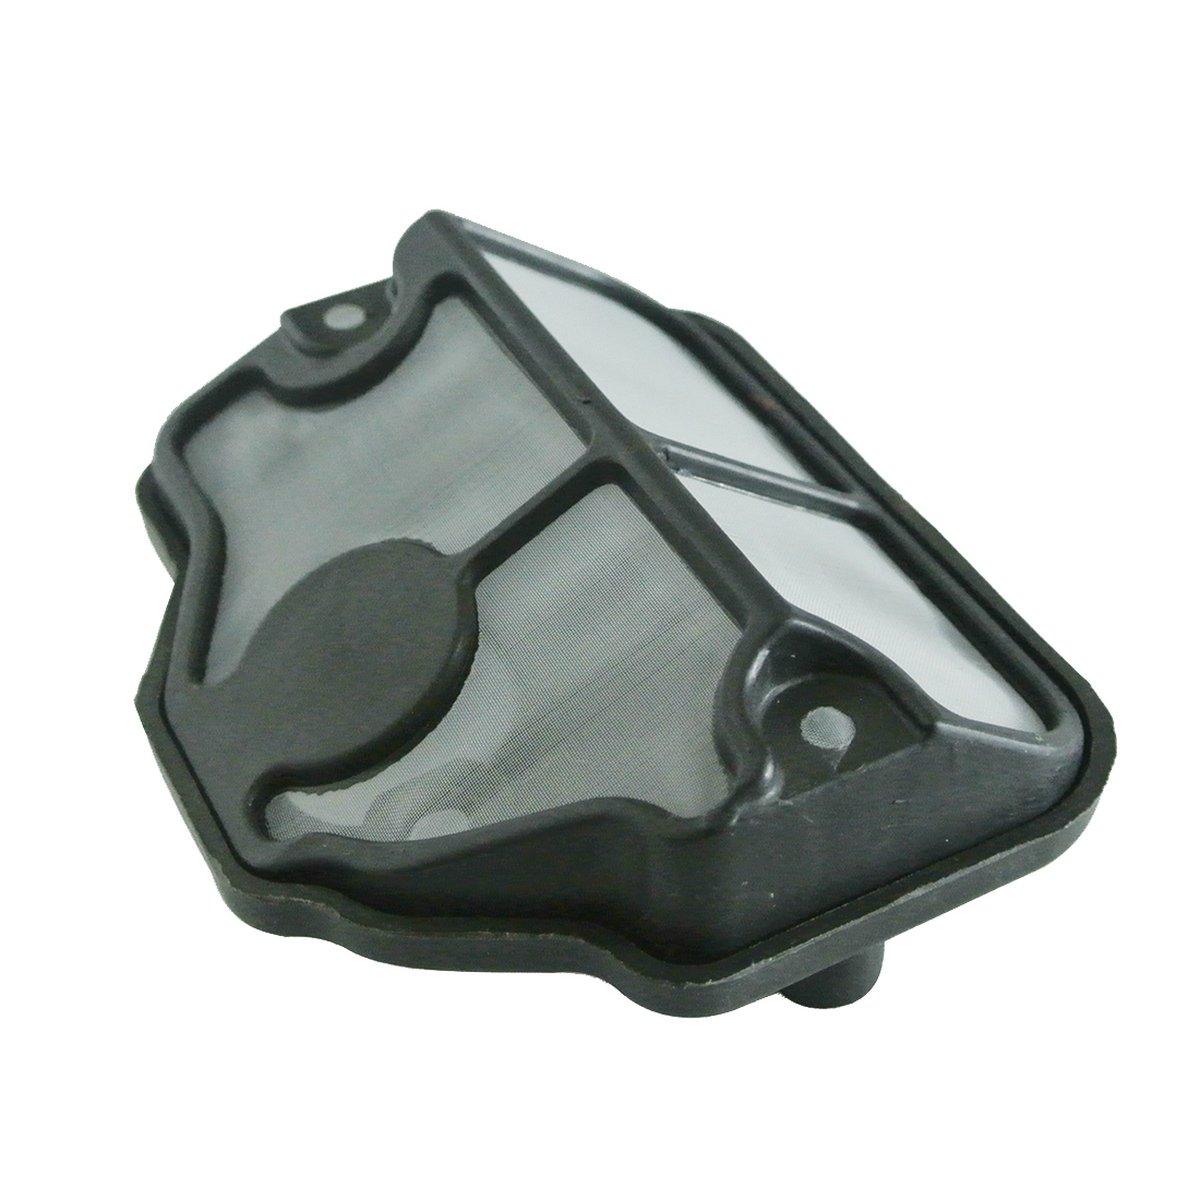 New Air Filter Backing Plate Fits Husqvarna 36 41 136 137 141 142 Chainsaw JL JIANGLI LEGEND